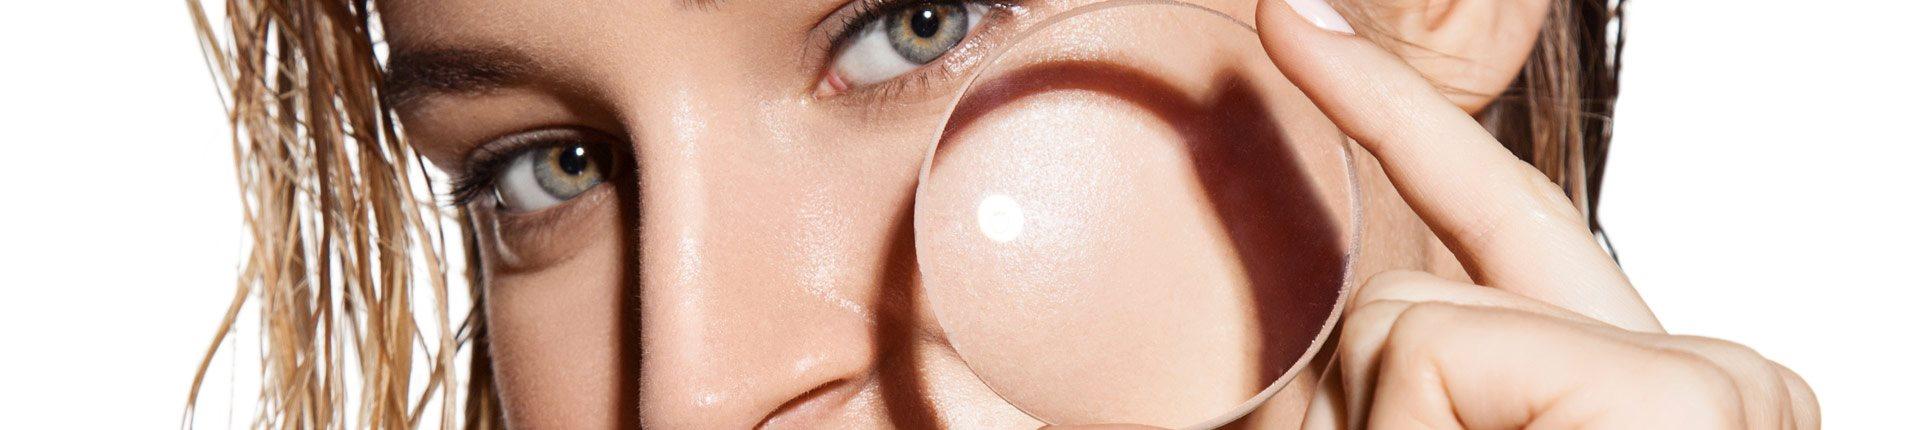 Jakich witamin potrzebuje moja skóra? Najważniejsze związki dla zdrowej skóry